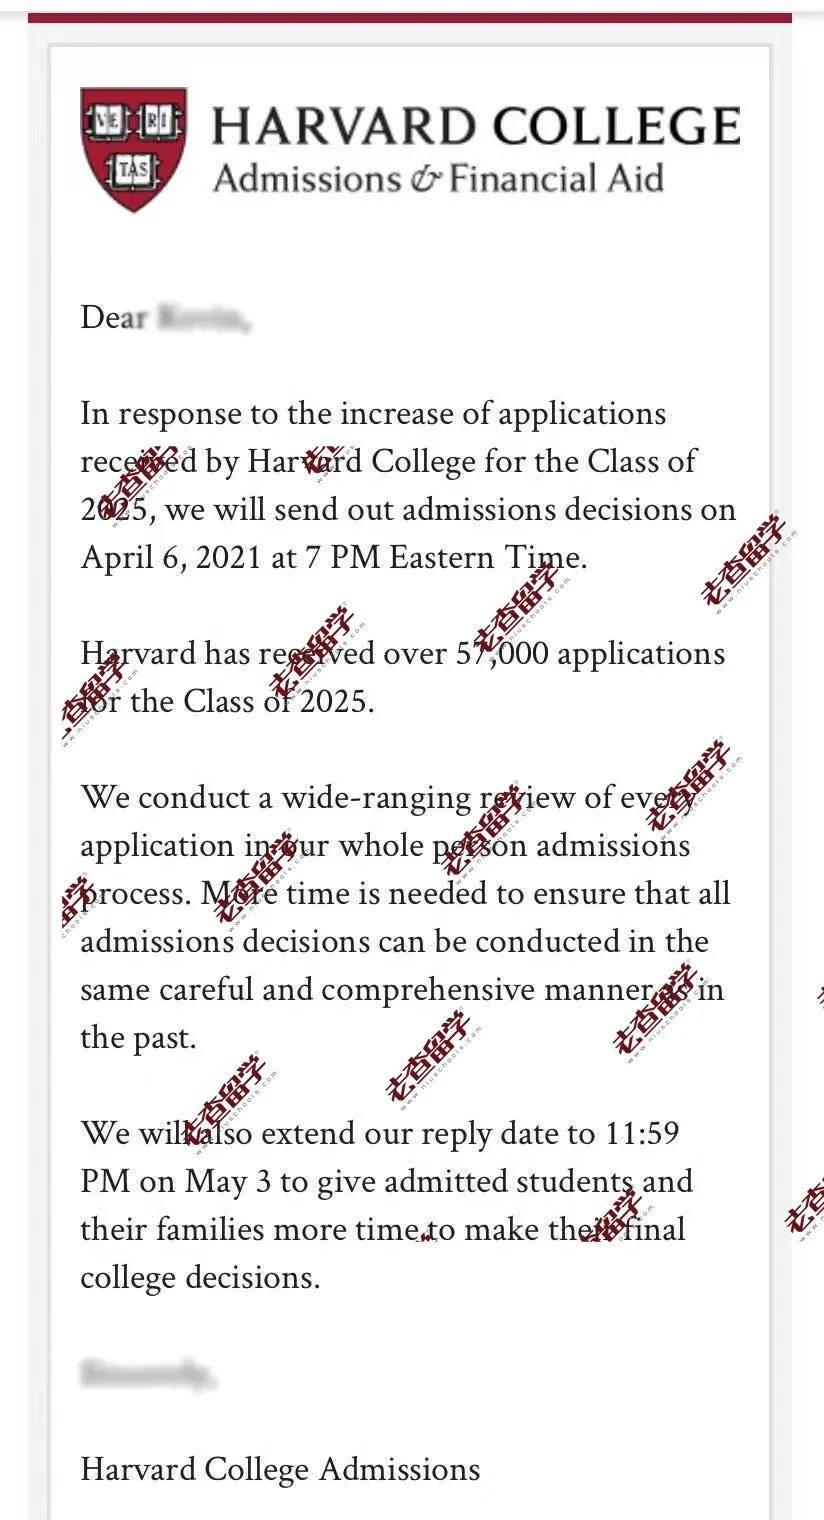 疫情之下,藤校申请数量暴涨,今年4月6日发榜,打破若干年传统!